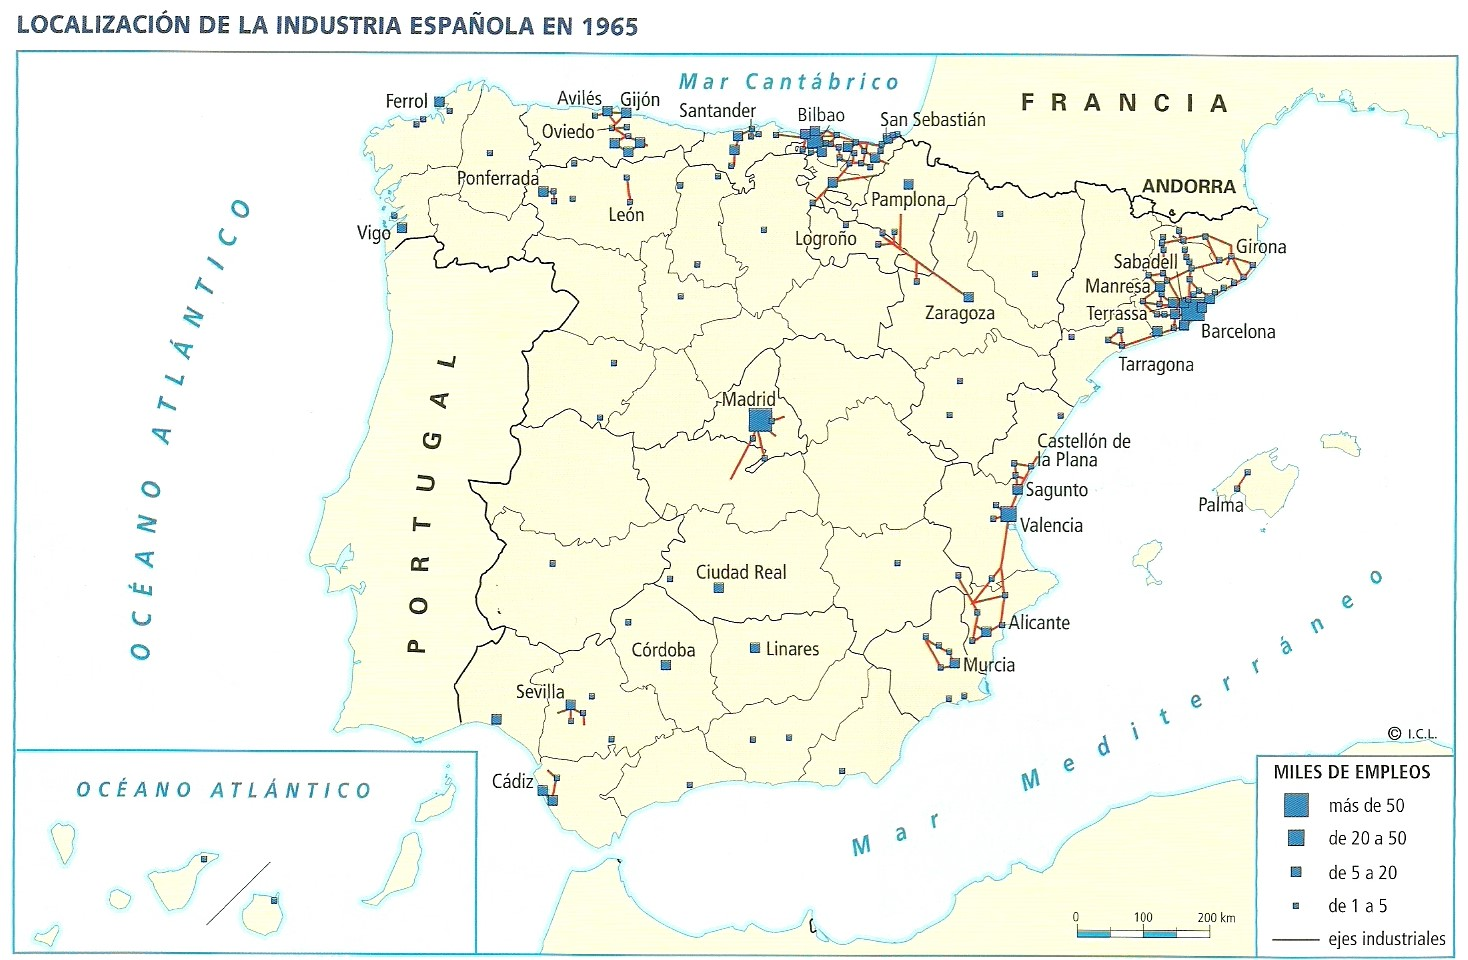 Localización de la industria española en 1965